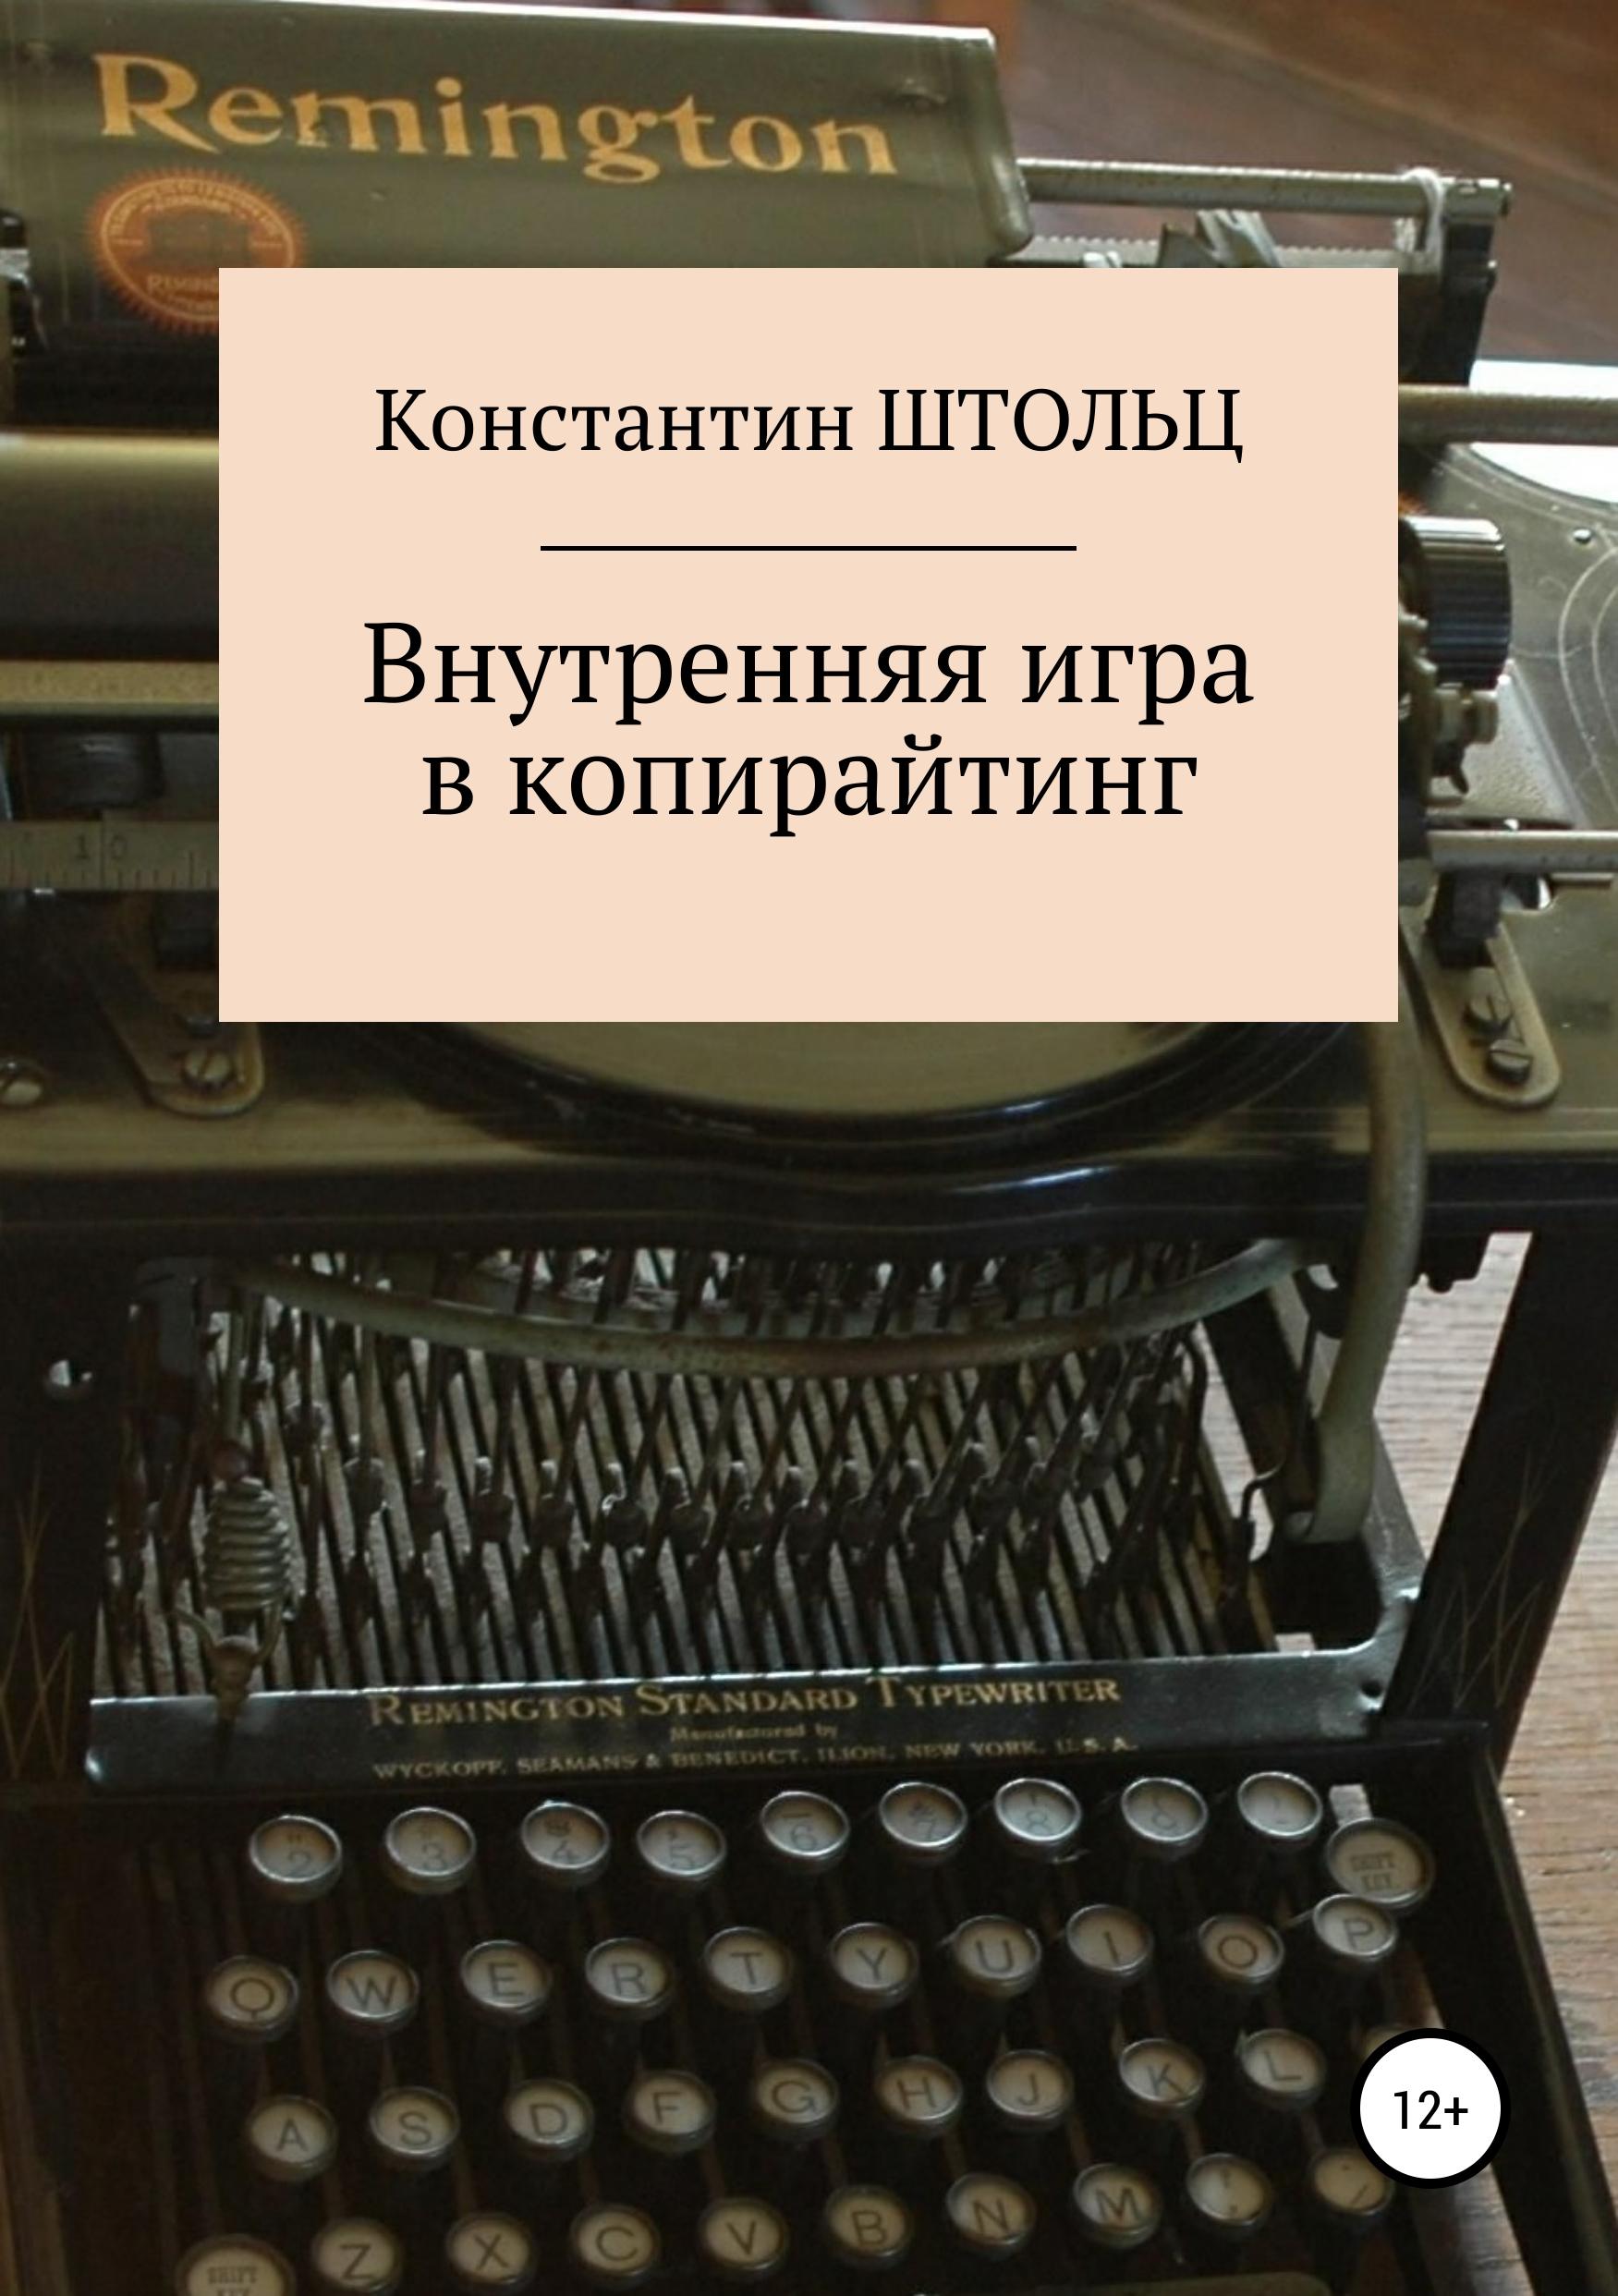 Обложка книги Внутренняя игра в копирайтинг